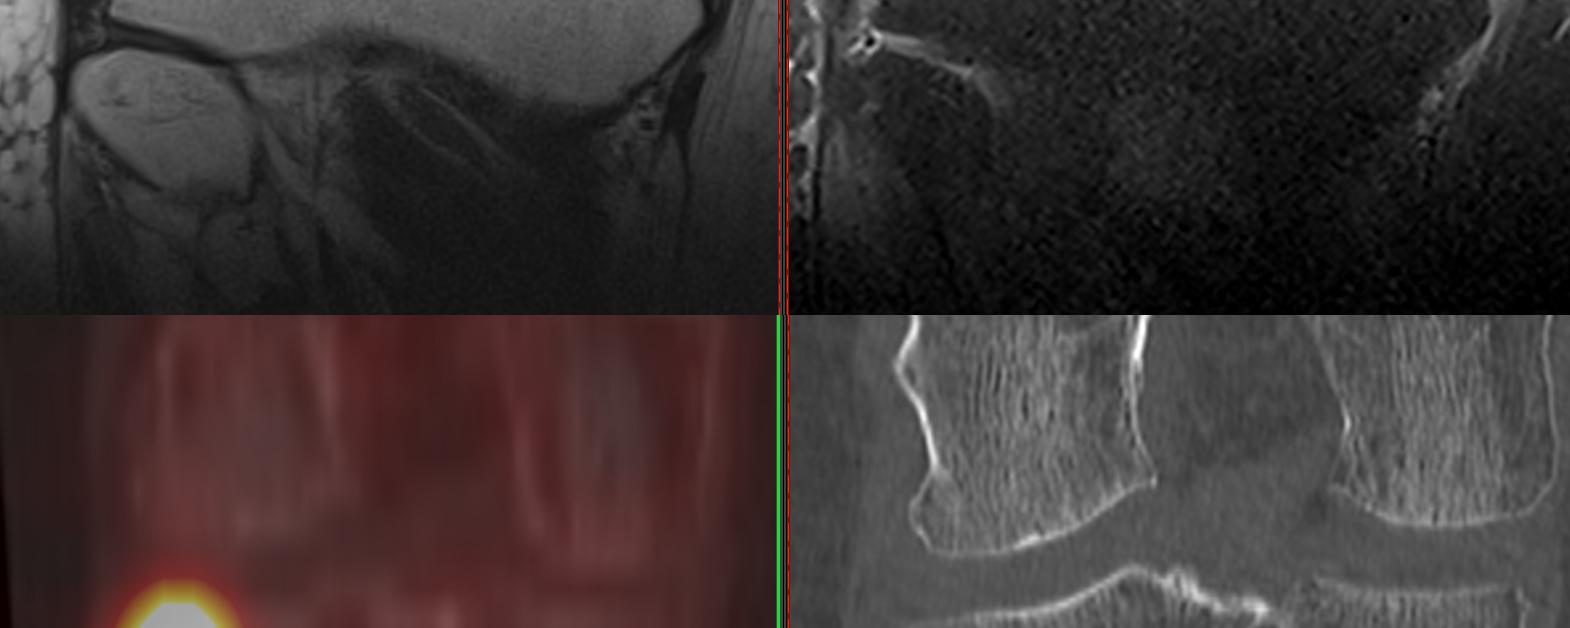 Fracture de contrainte du plateau tibial latéral droit